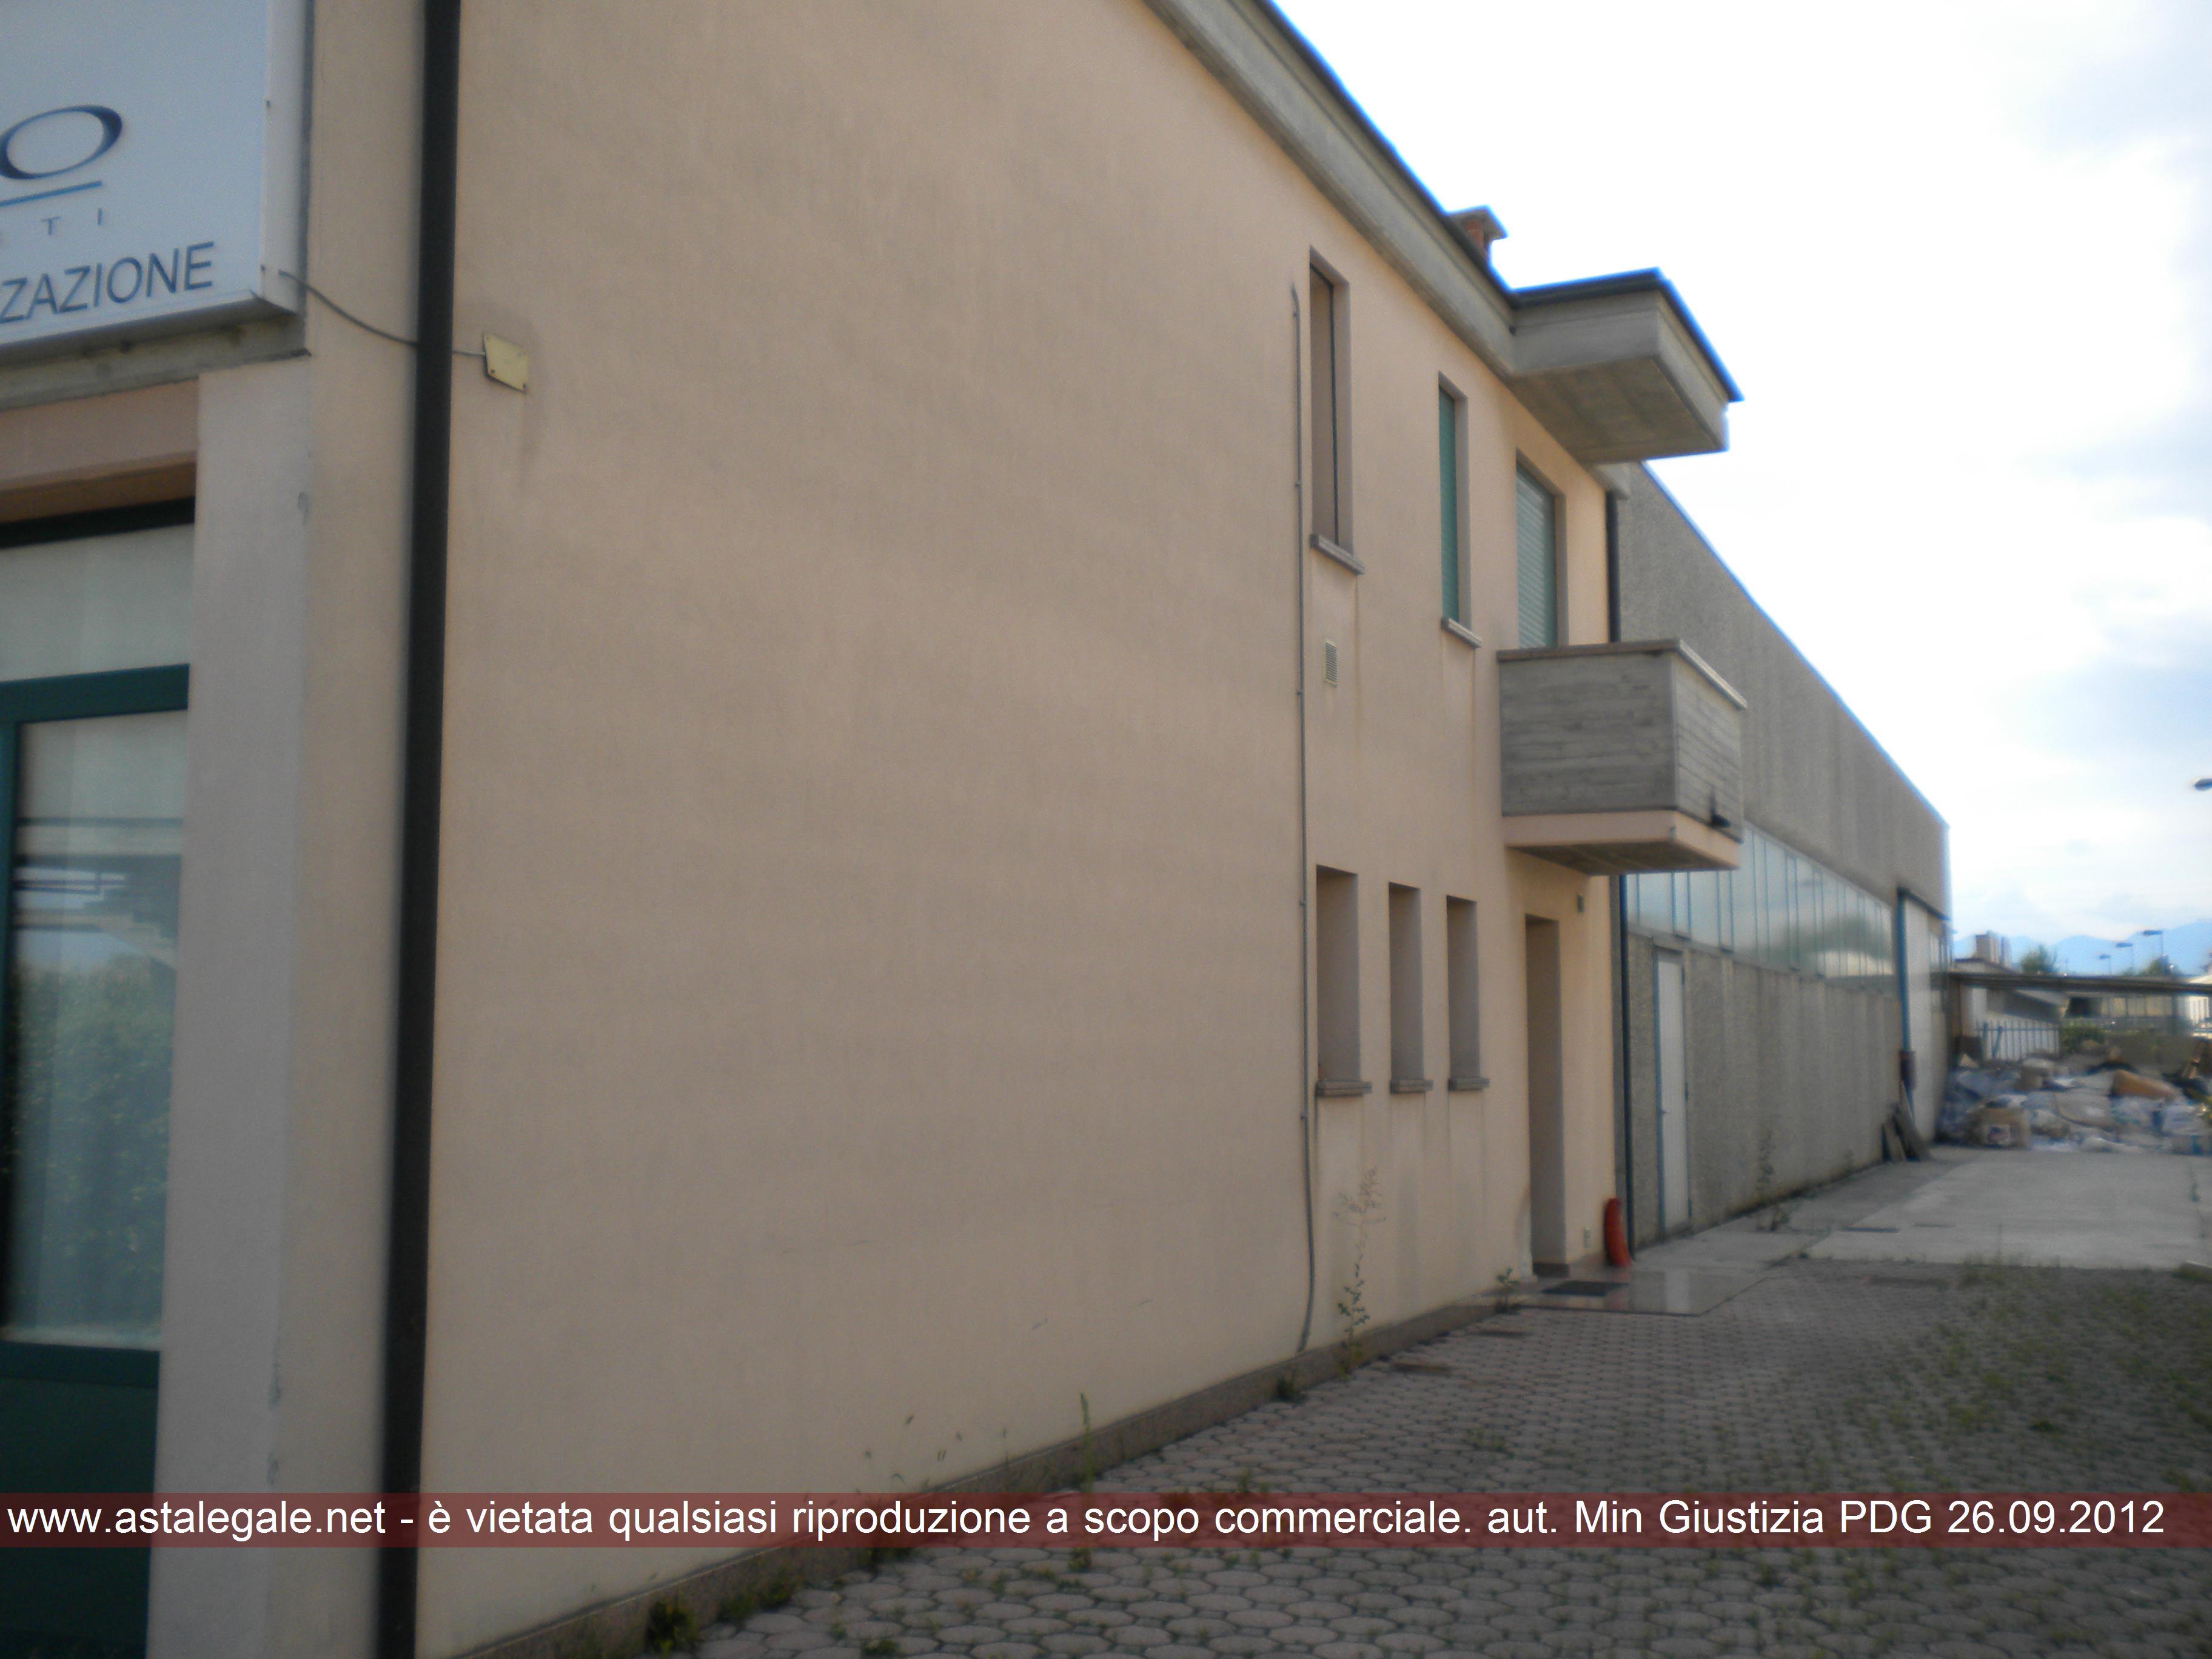 Vicenza (VI) Strada dei Molini 96